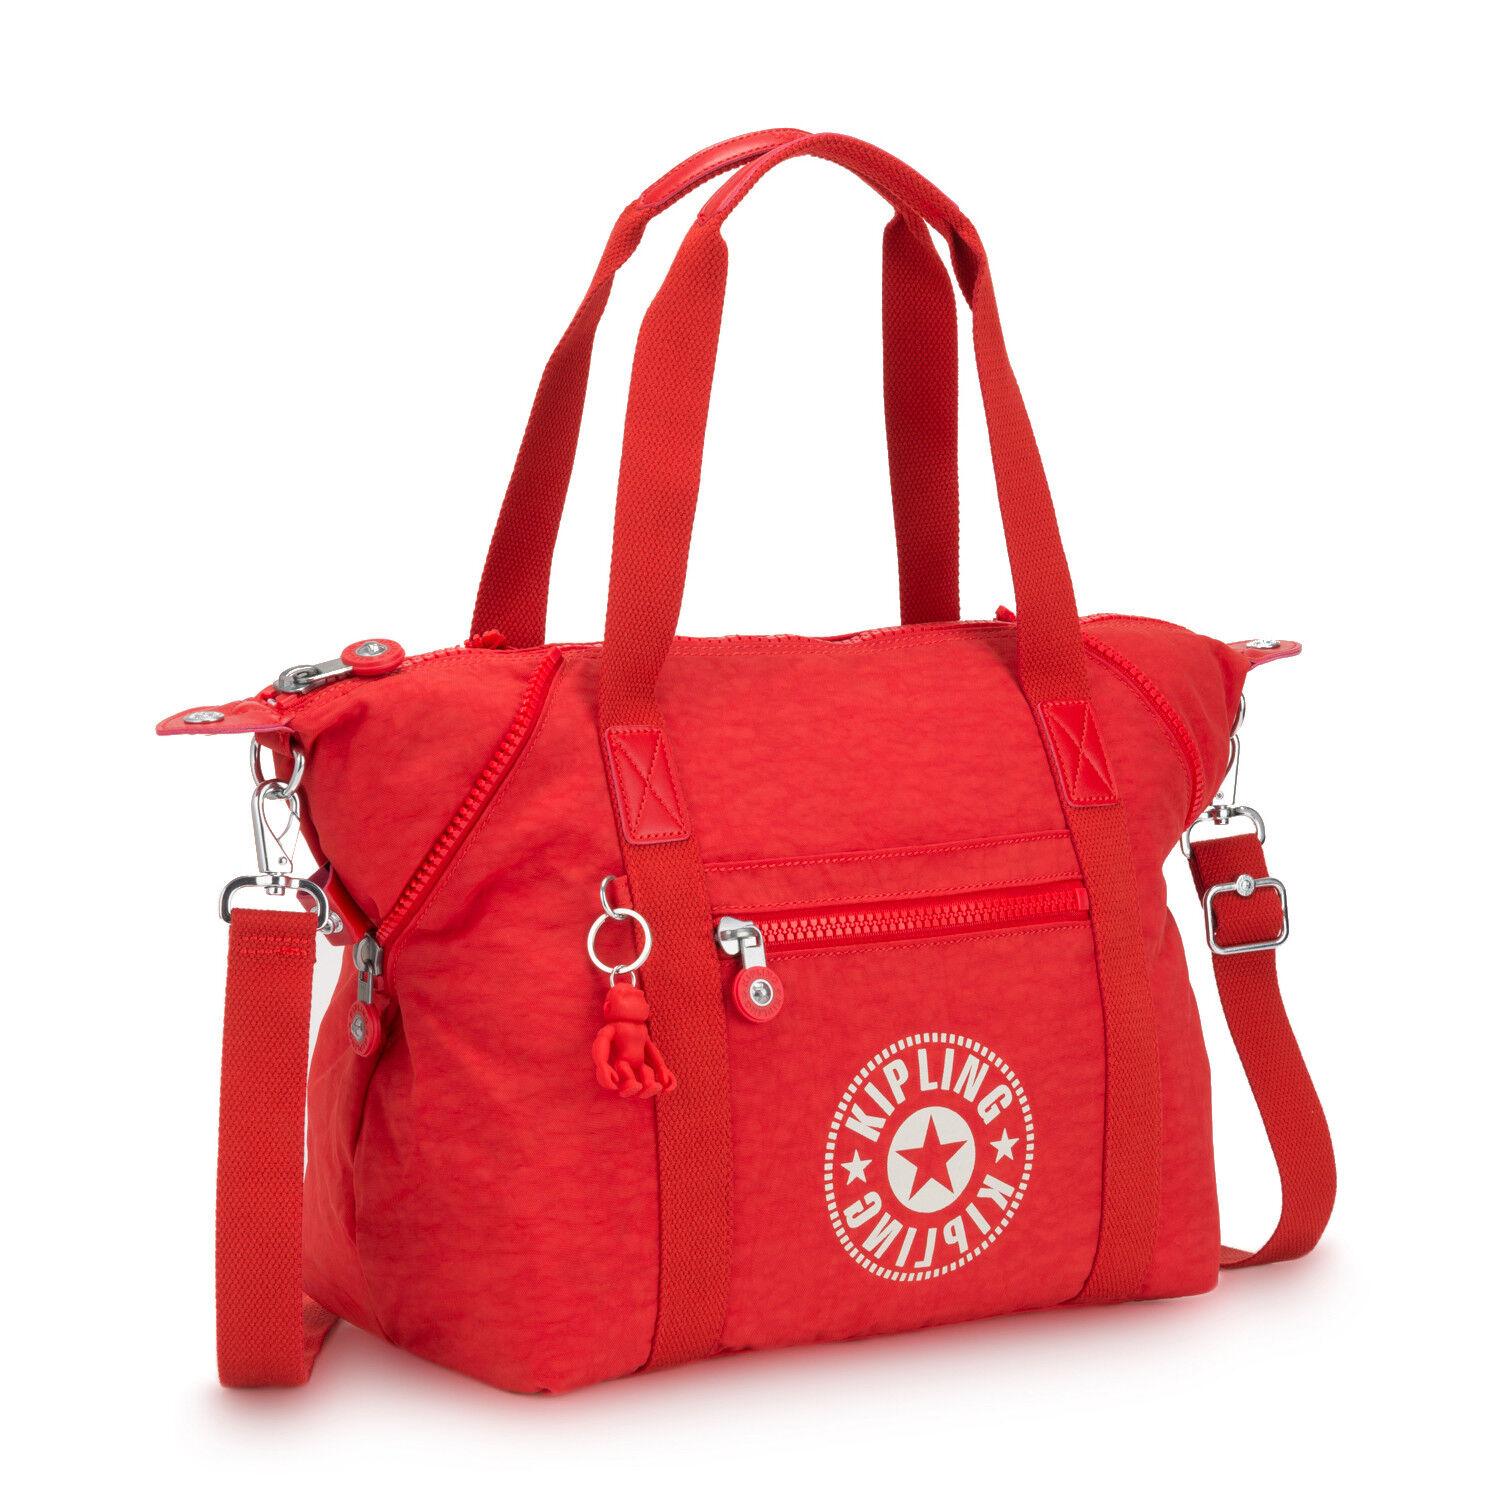 Kipling nuovo Donna Arte Nc Sporta  Attivo Rosso nuovo con Etichetta